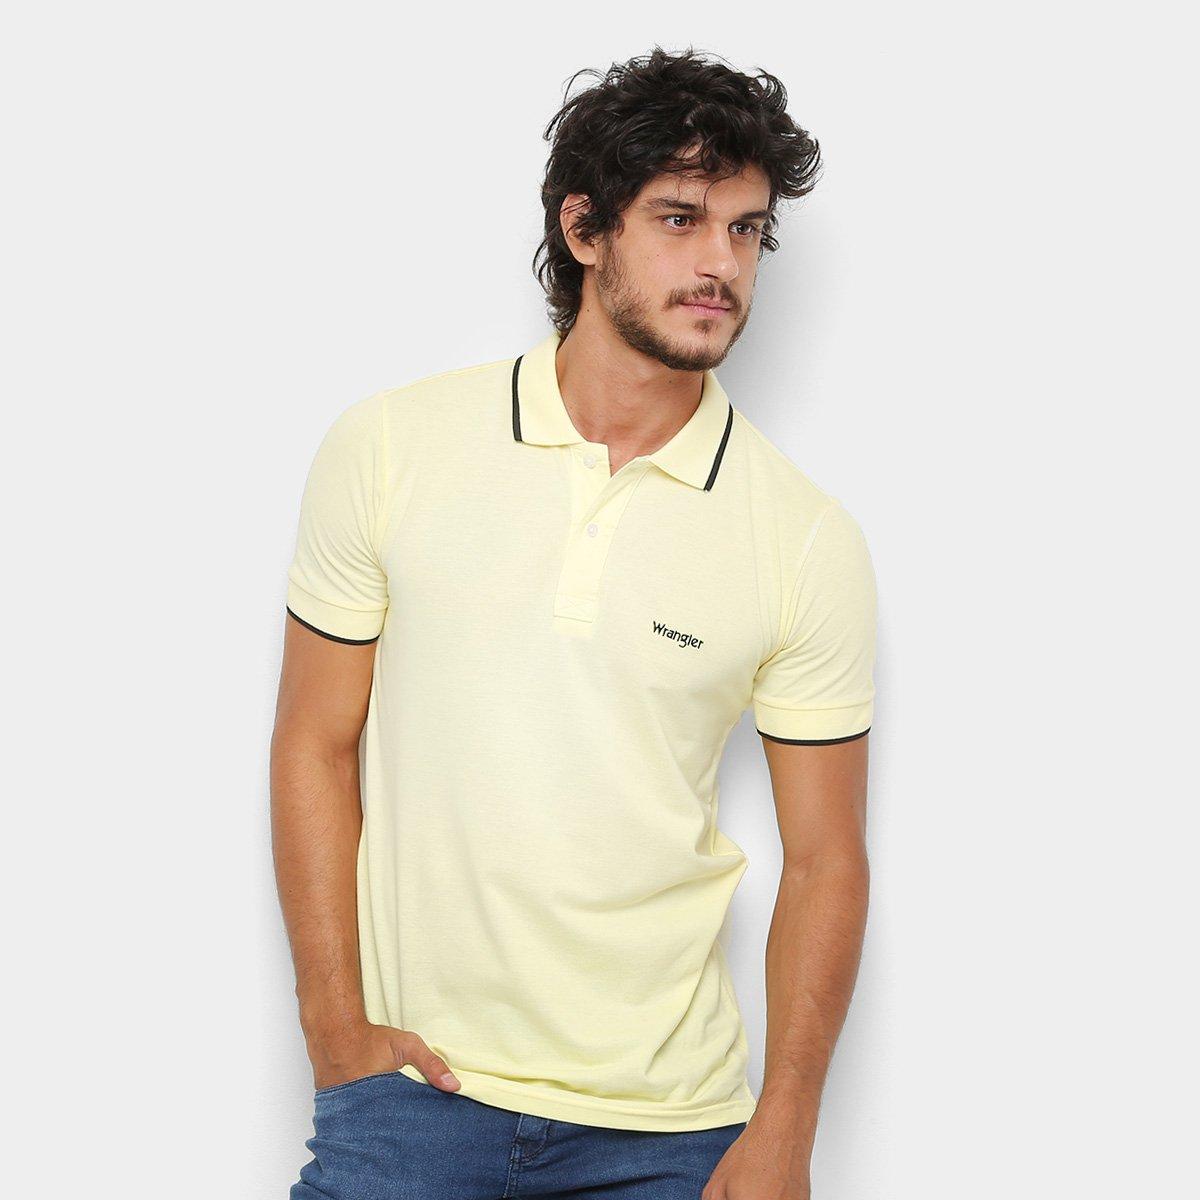 Camisa Polo Wrangler Friso Bordada Masculina - Amarelo - Compre ... ccaa648e57c67